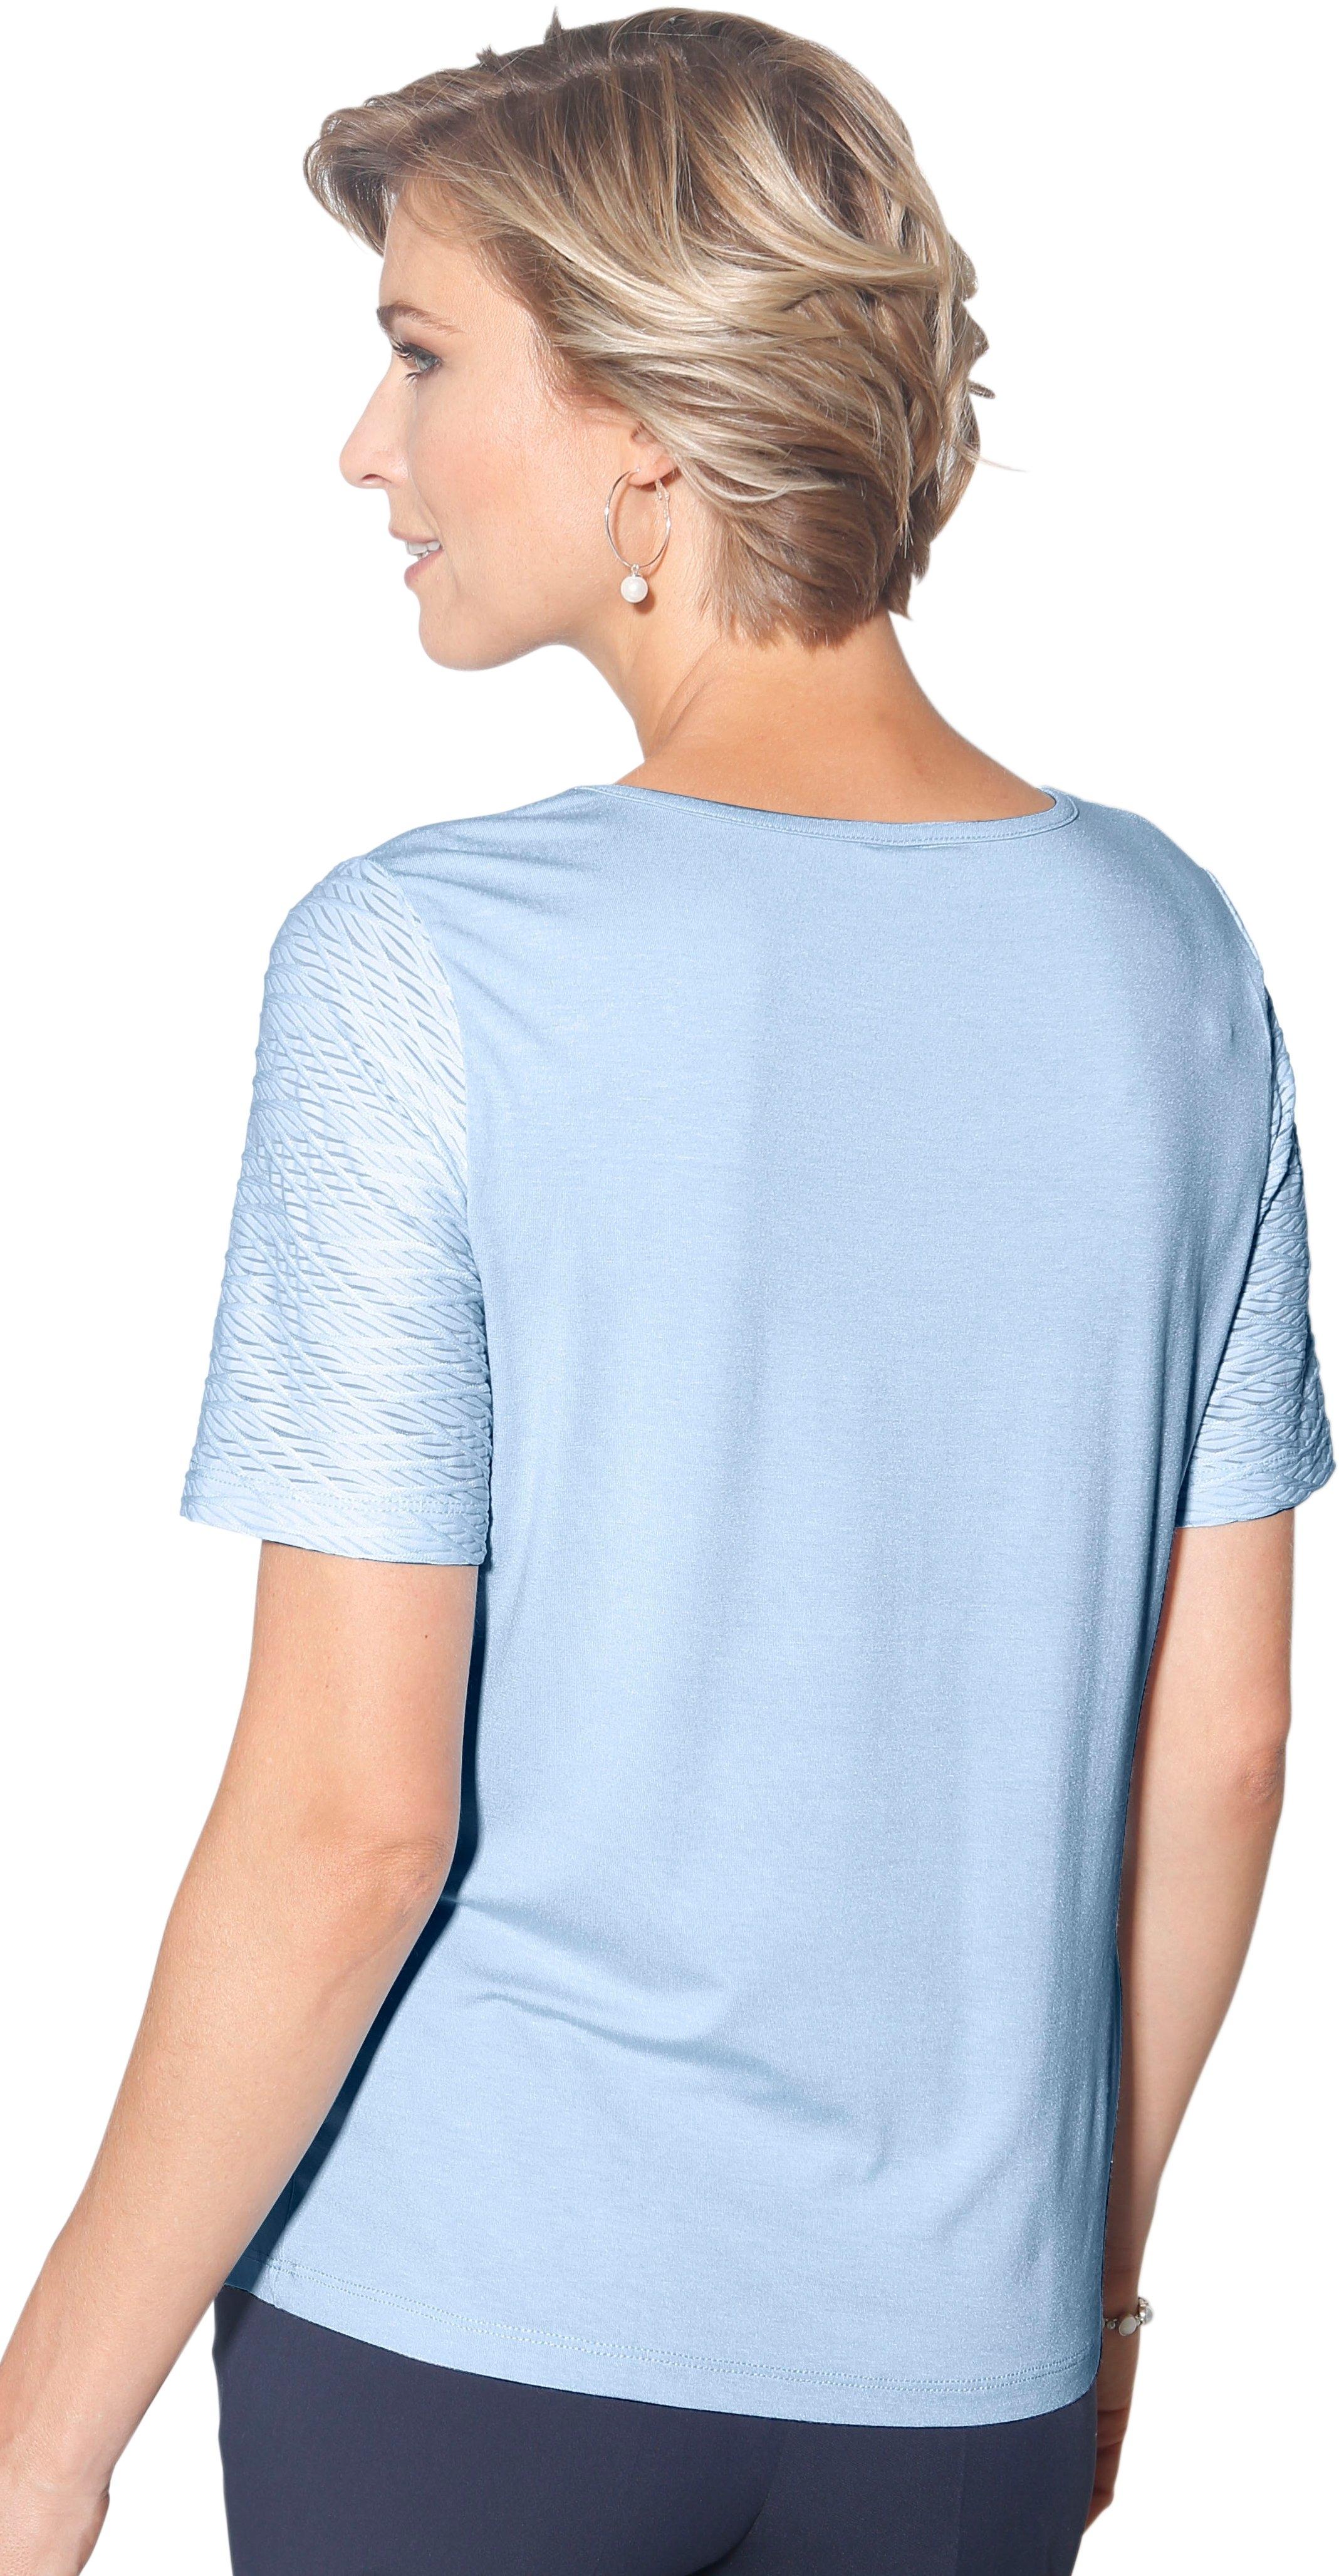 Met Aantrekkelijk Classic Verkrijgbaar Online Shirt Structuurmotief jGLqpSUzMV